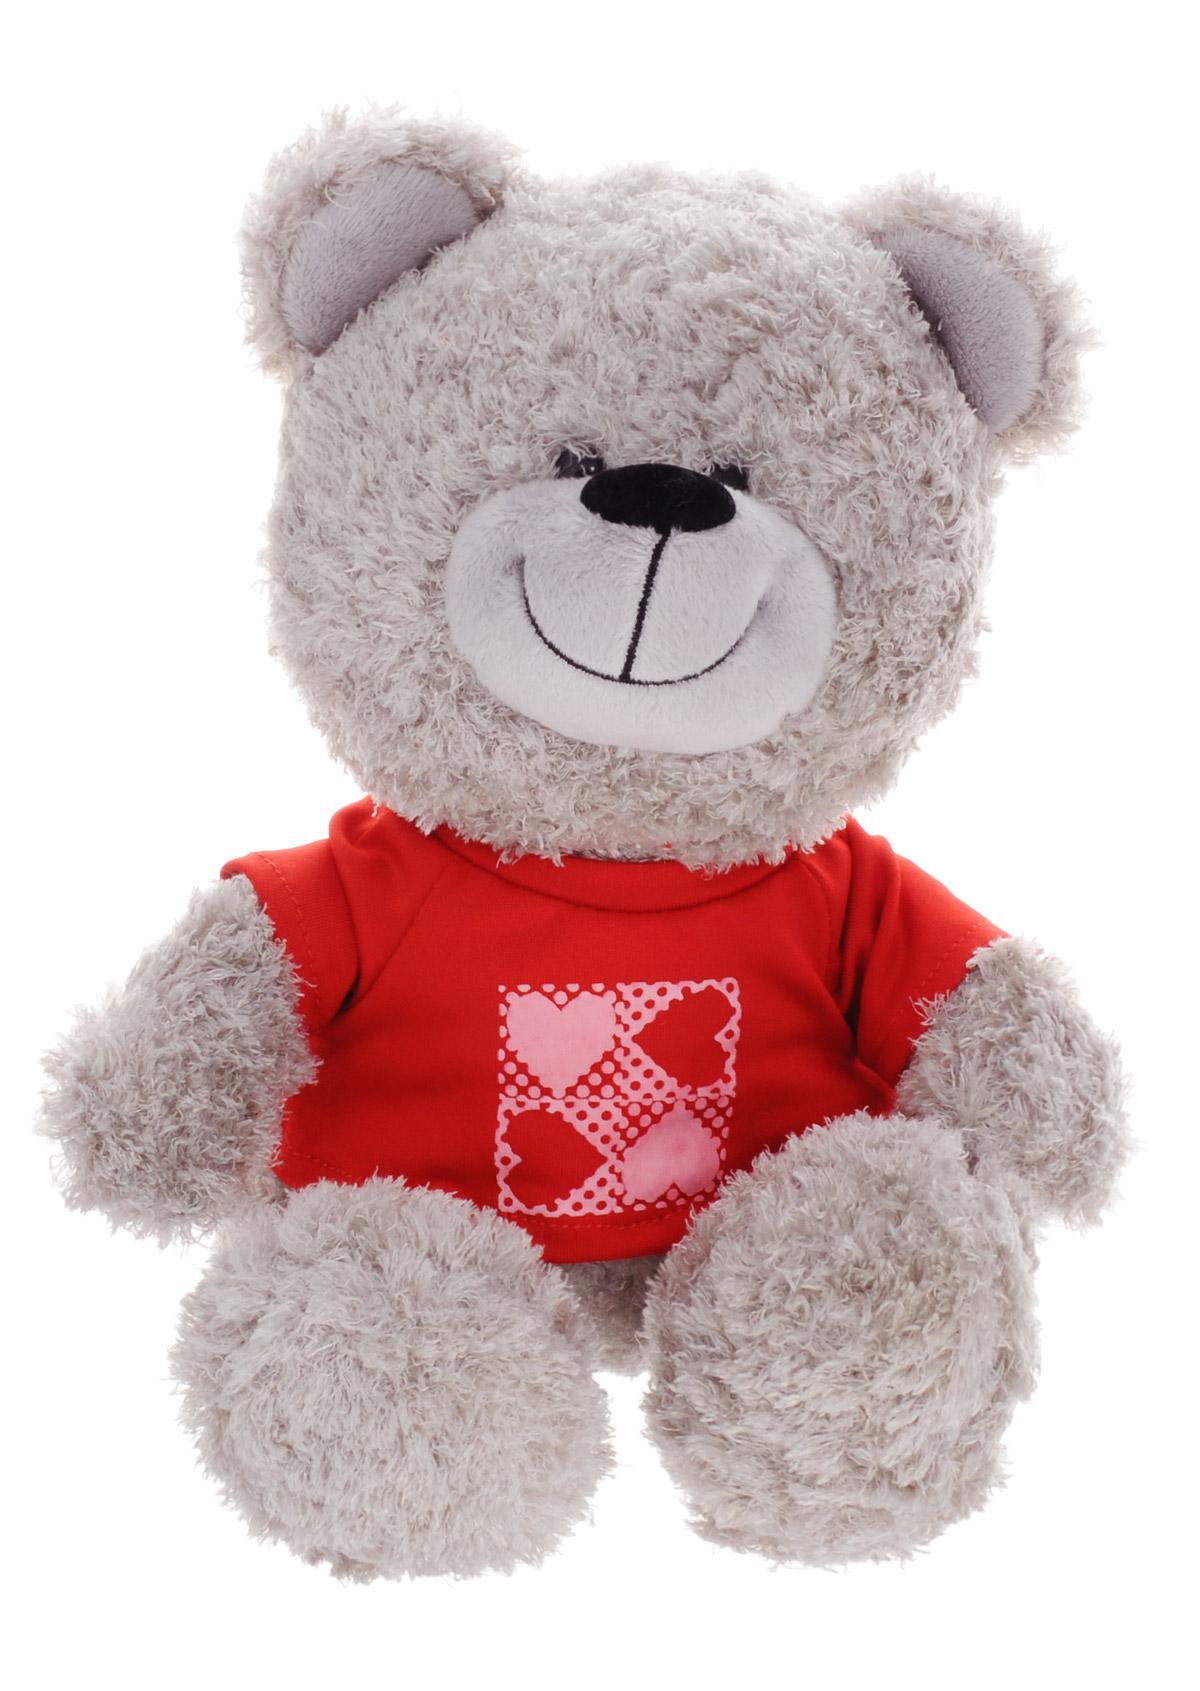 Lava Мягкая озвученная игрушка Медведь в кофточке 23 смLF 1141Мягкая озвученная игрушка Lava Медведь в кофточке вызовет улыбку у каждого, кто ее увидит. Она выполнена из приятного на ощупь текстильного материала серого цвета в виде симпатичного мишки в красной футболке. Если нажать ему на животик, он расскажет ребенку стишок про дружбу. Игрушка подарит своему обладателю хорошее настроение и позволит познакомиться с животным в игровой форме. С мягкой игрушкой ребенок действительно познает мир, играя!